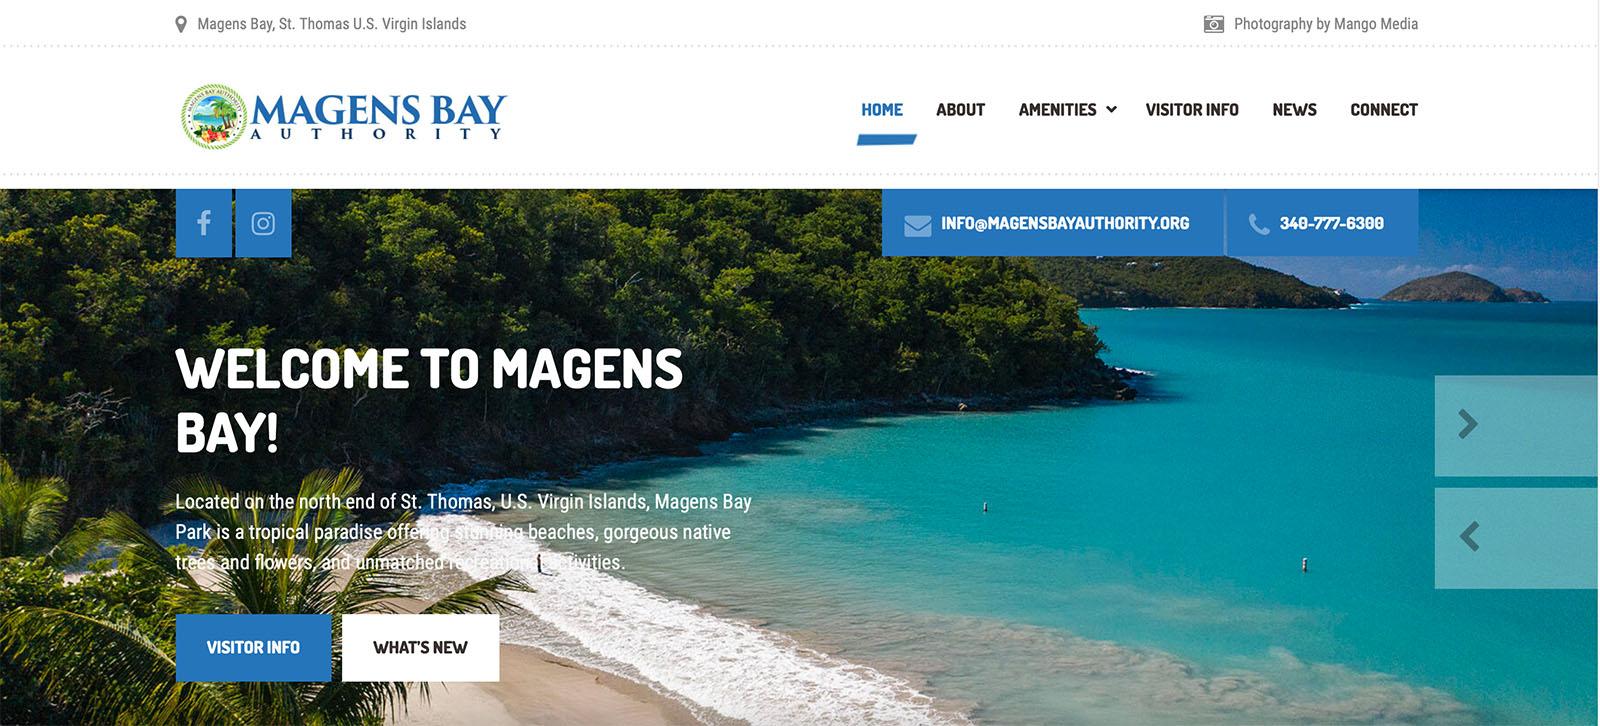 Magens Bay Authority Website